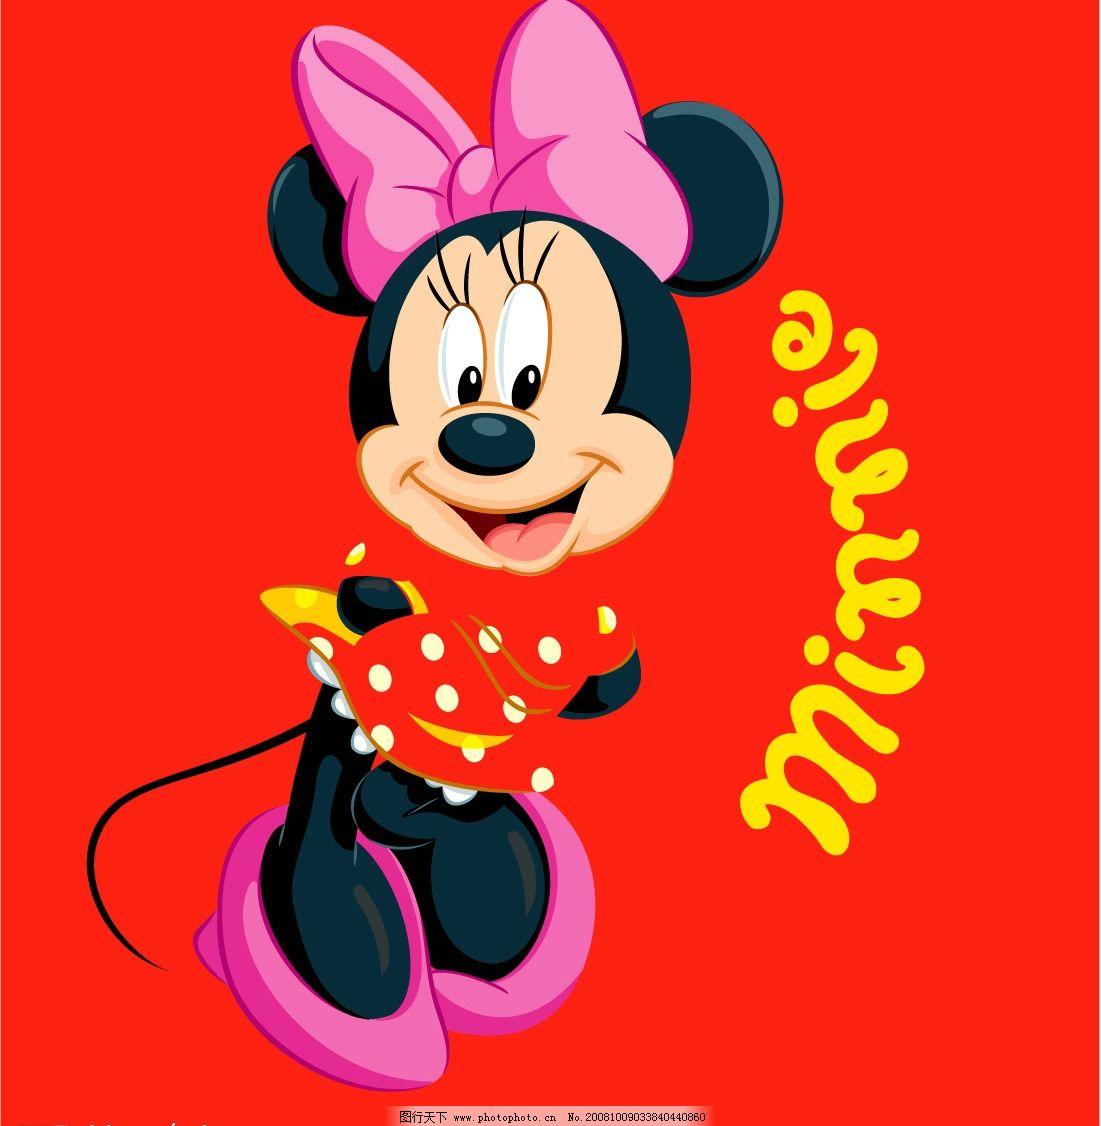 米妮 卡通 米老鼠 其他矢量 矢量素材 卡通图 矢量图库